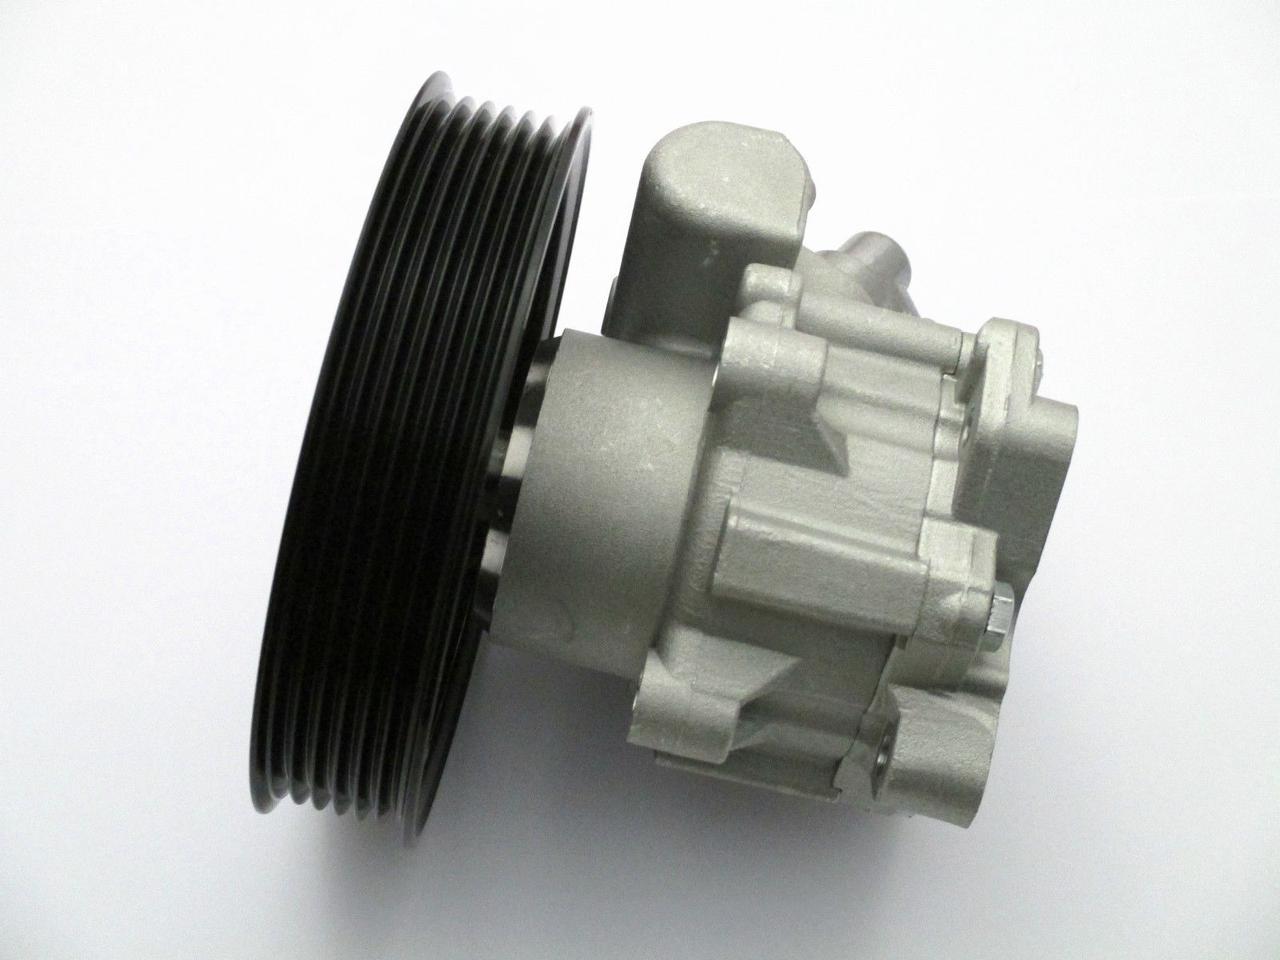 Насос гидроусилителя Audi A6 C5 2000-2005 (2.0) 6pk132mm